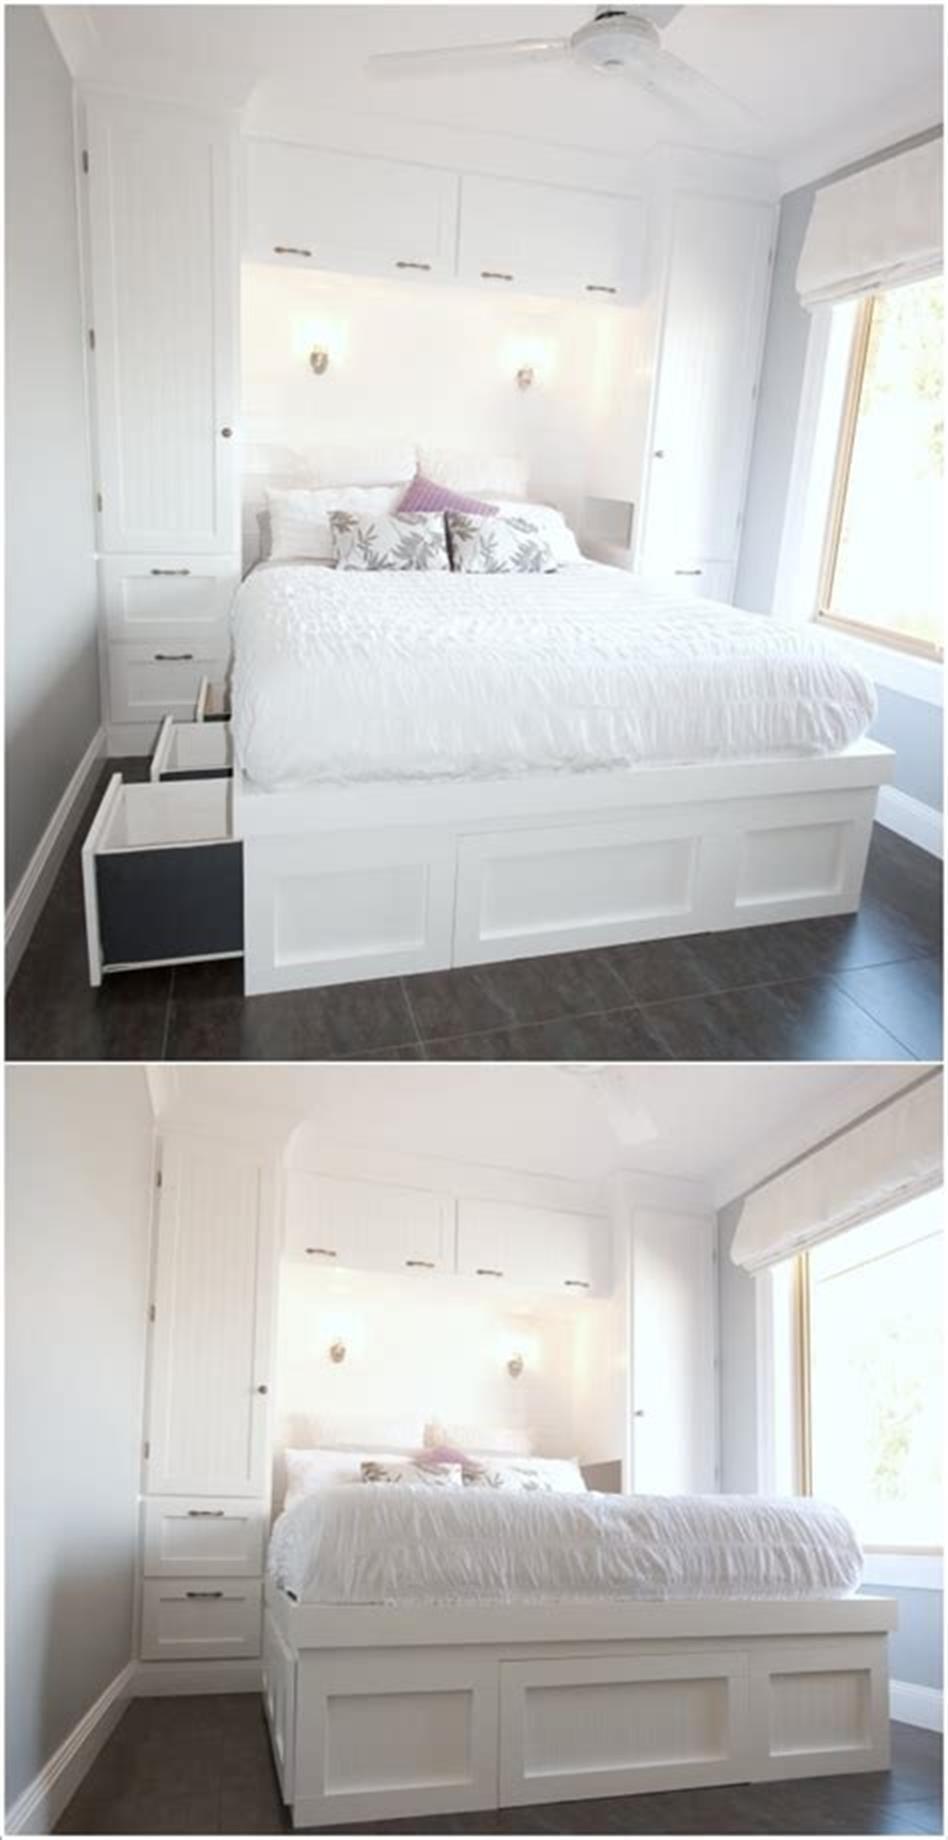 27 Small Bedroom Ideas Design Minimalist And Simple Small Room Design Small Room Bedroom Tiny Bedroom